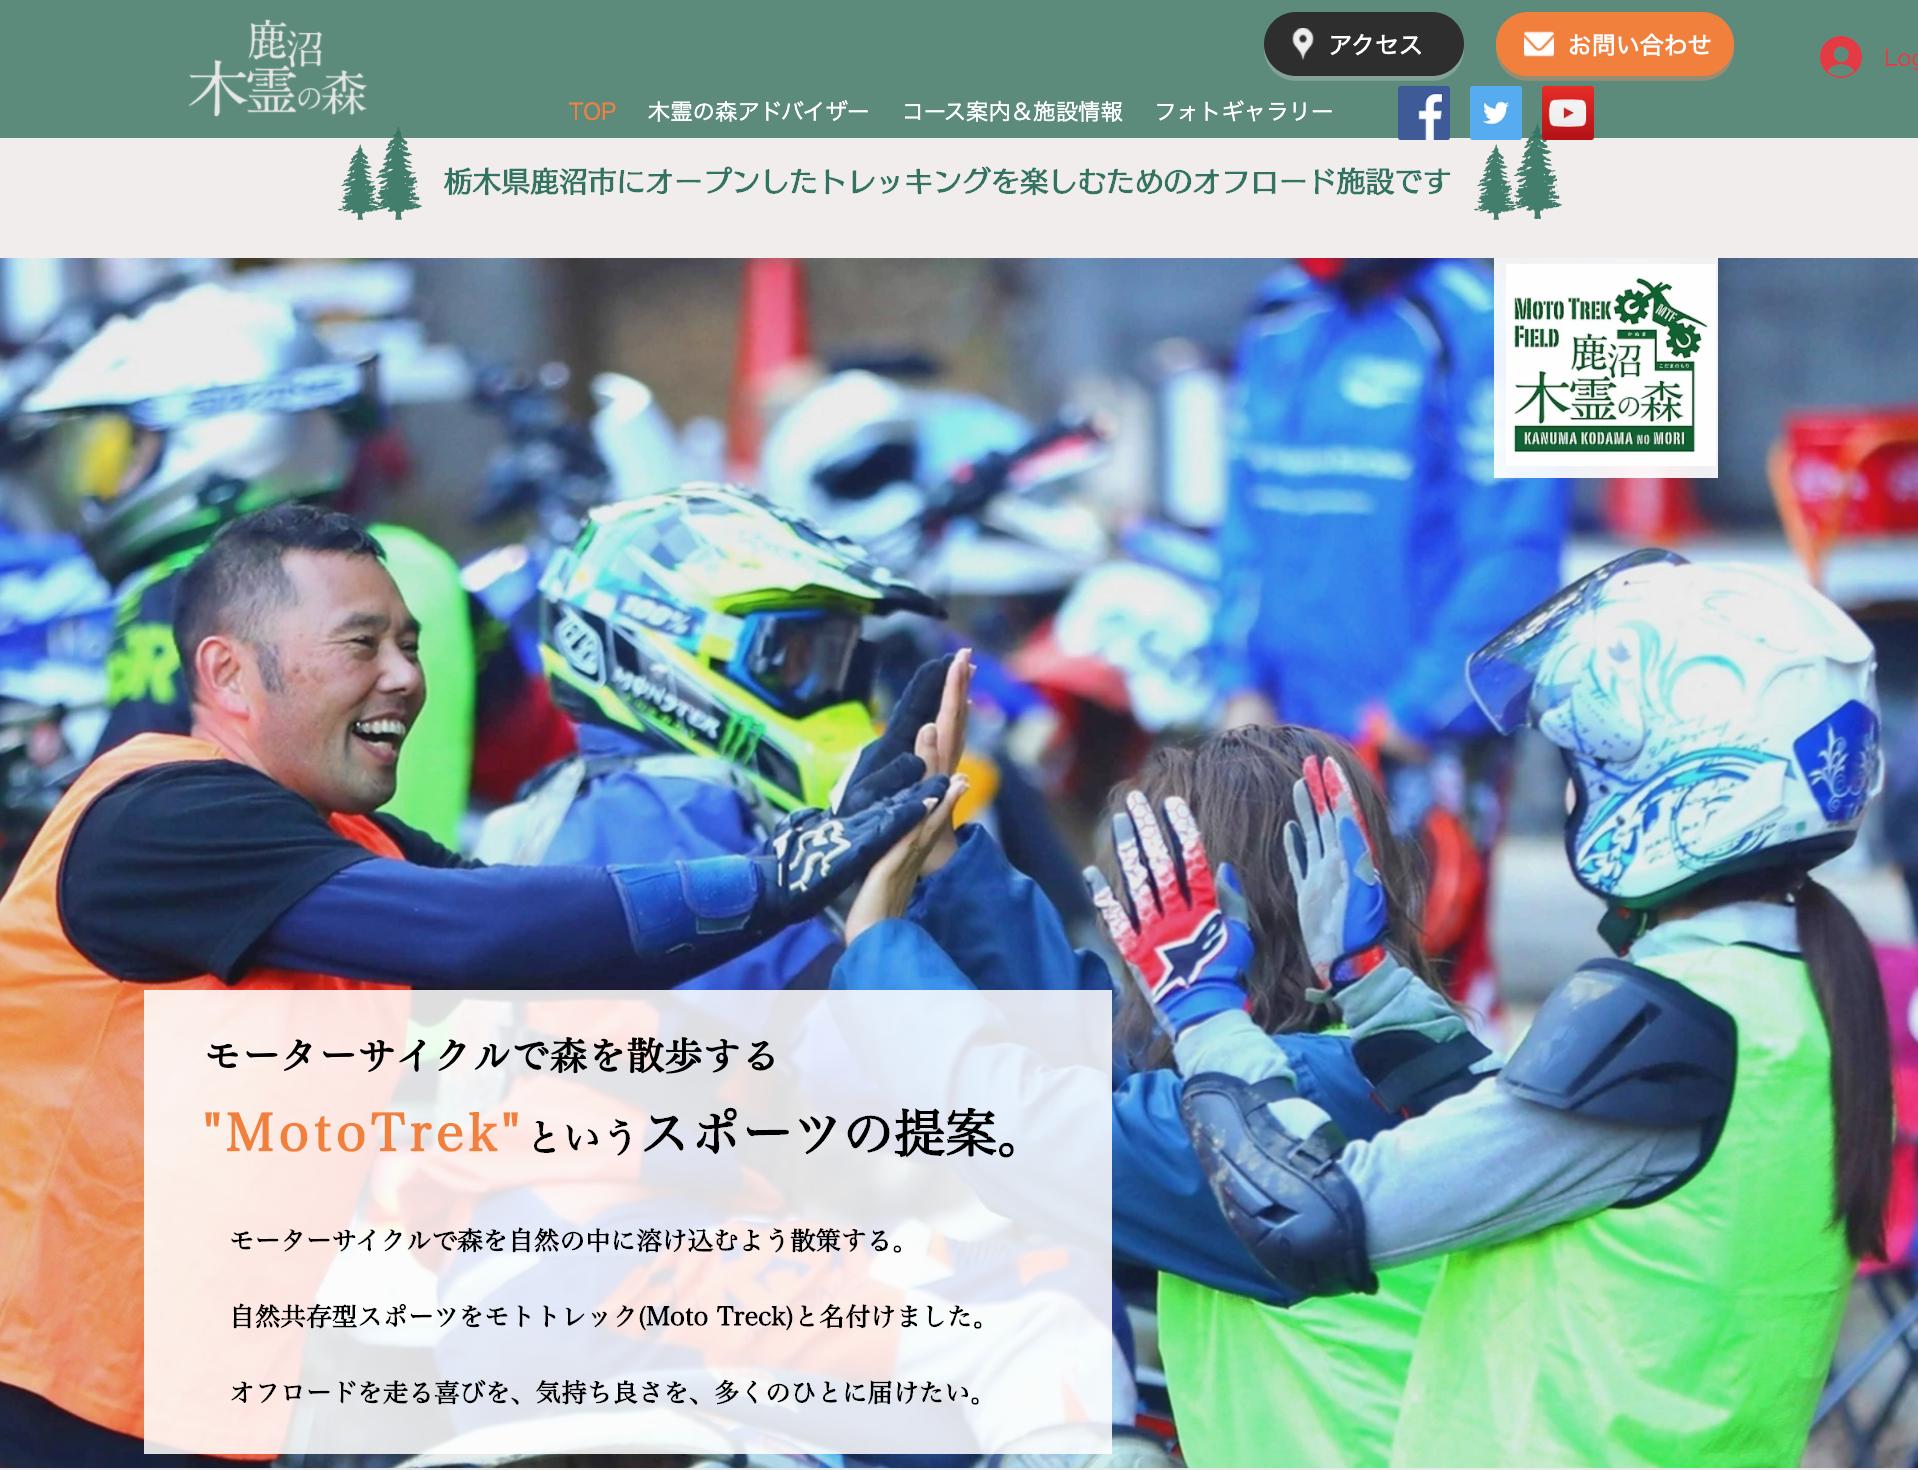 バイクのオフロード施設のWebサイト更新